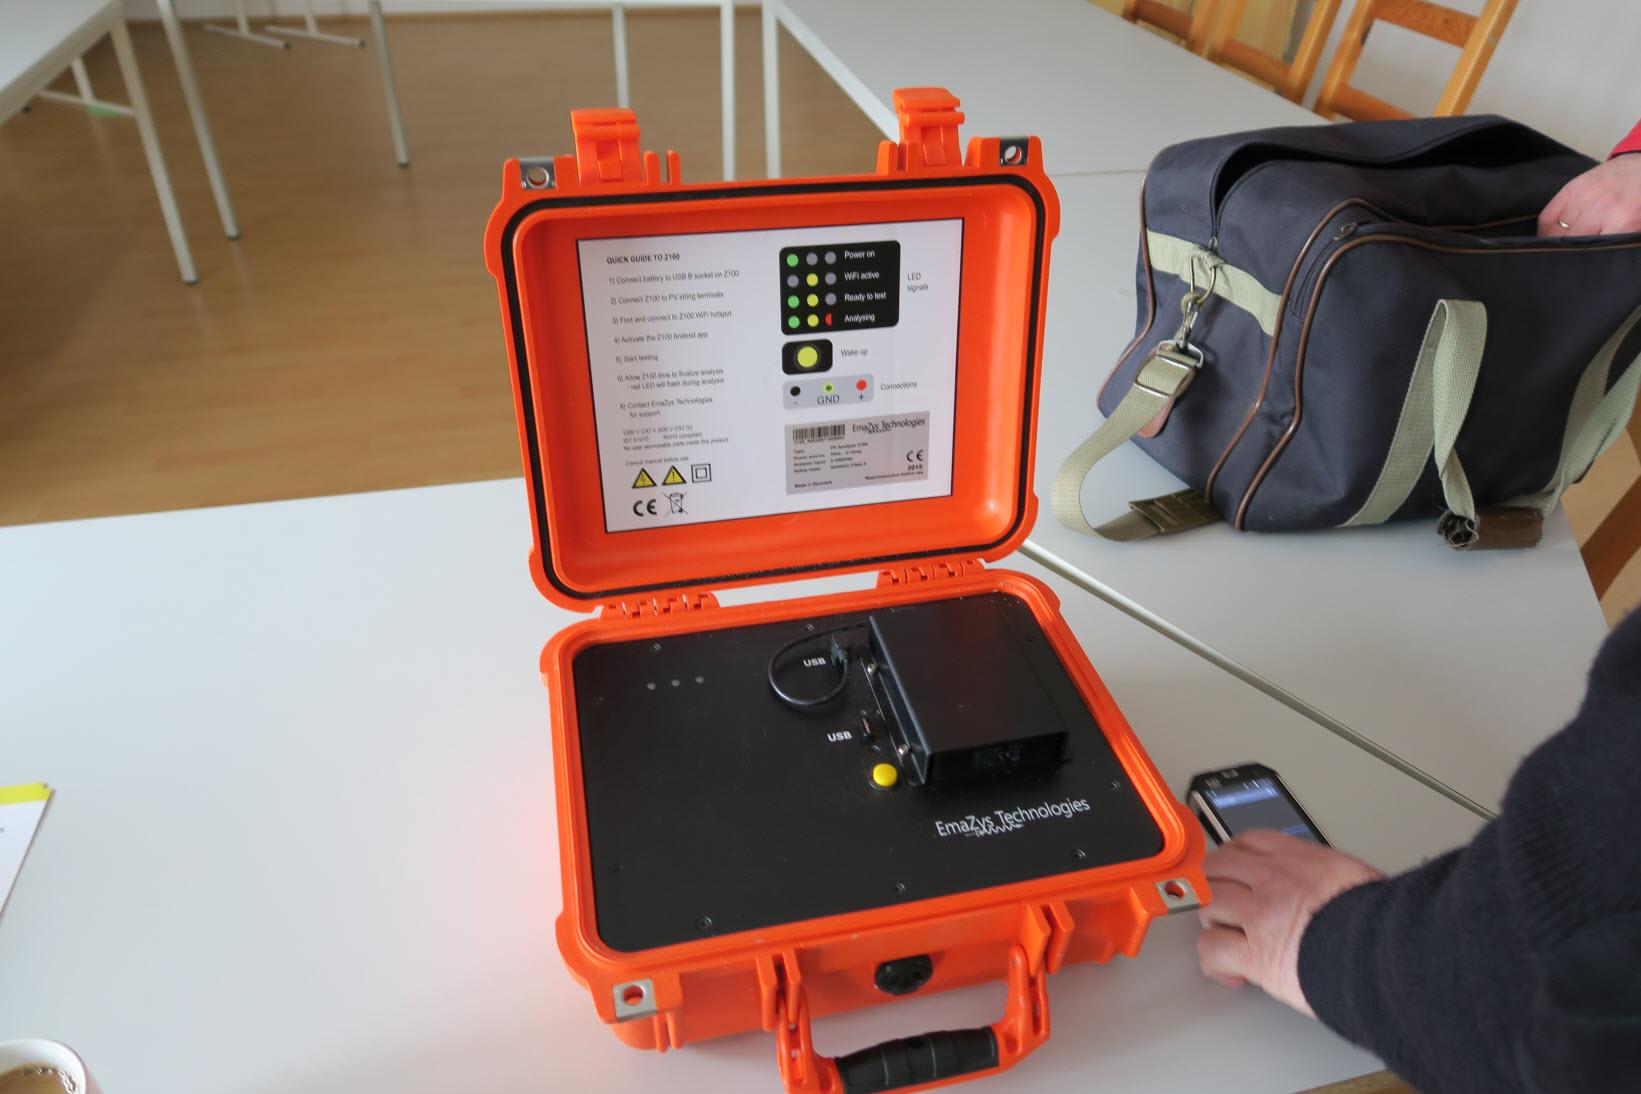 Messgerät von EmaZys Z100 zur Fehlersuche an Photovoltaikanlagen